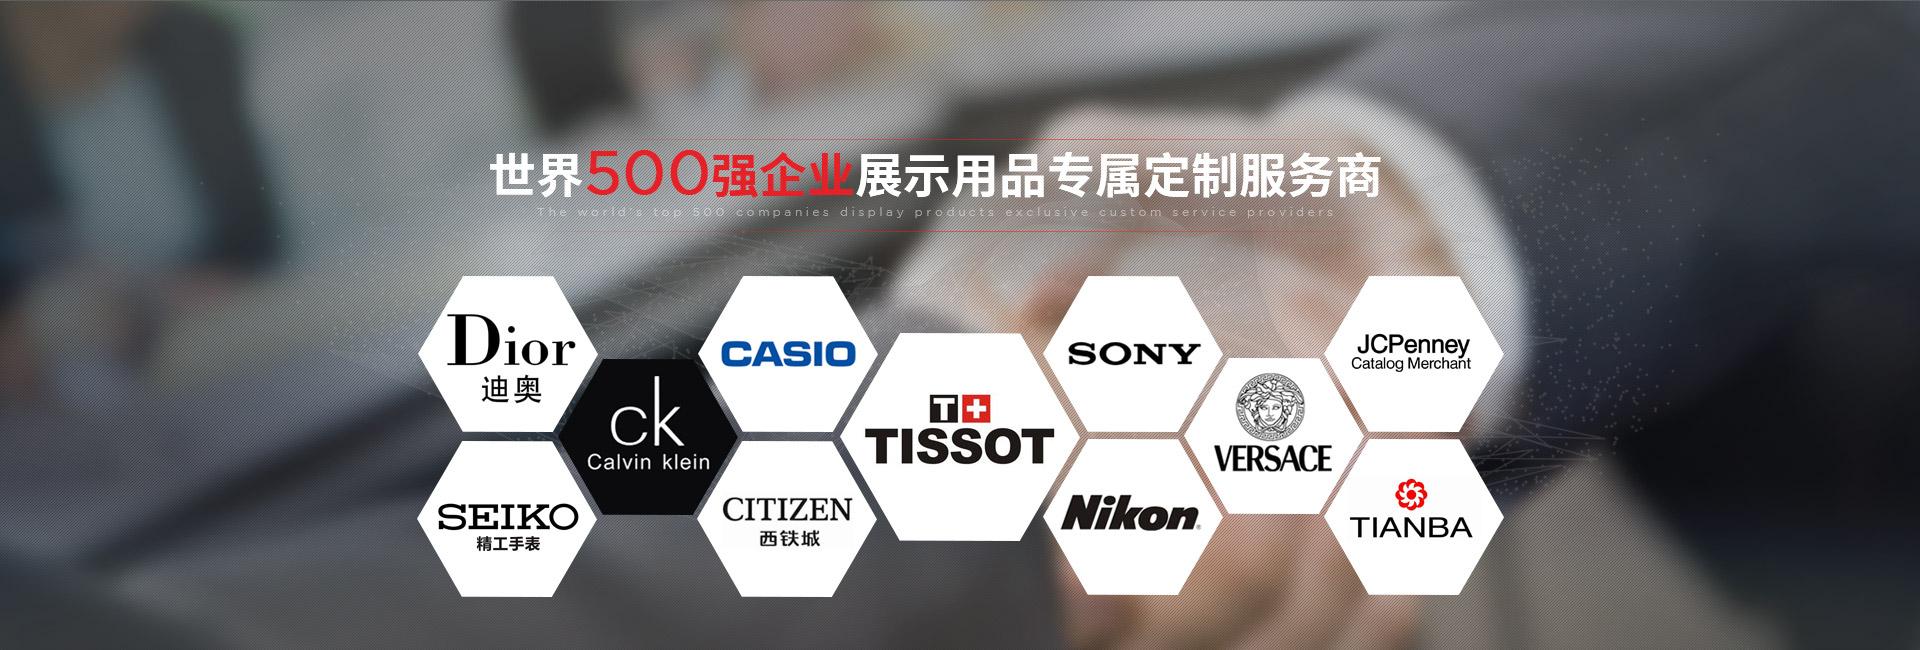 博艺-世界500强企业展示用品专属定制服务商